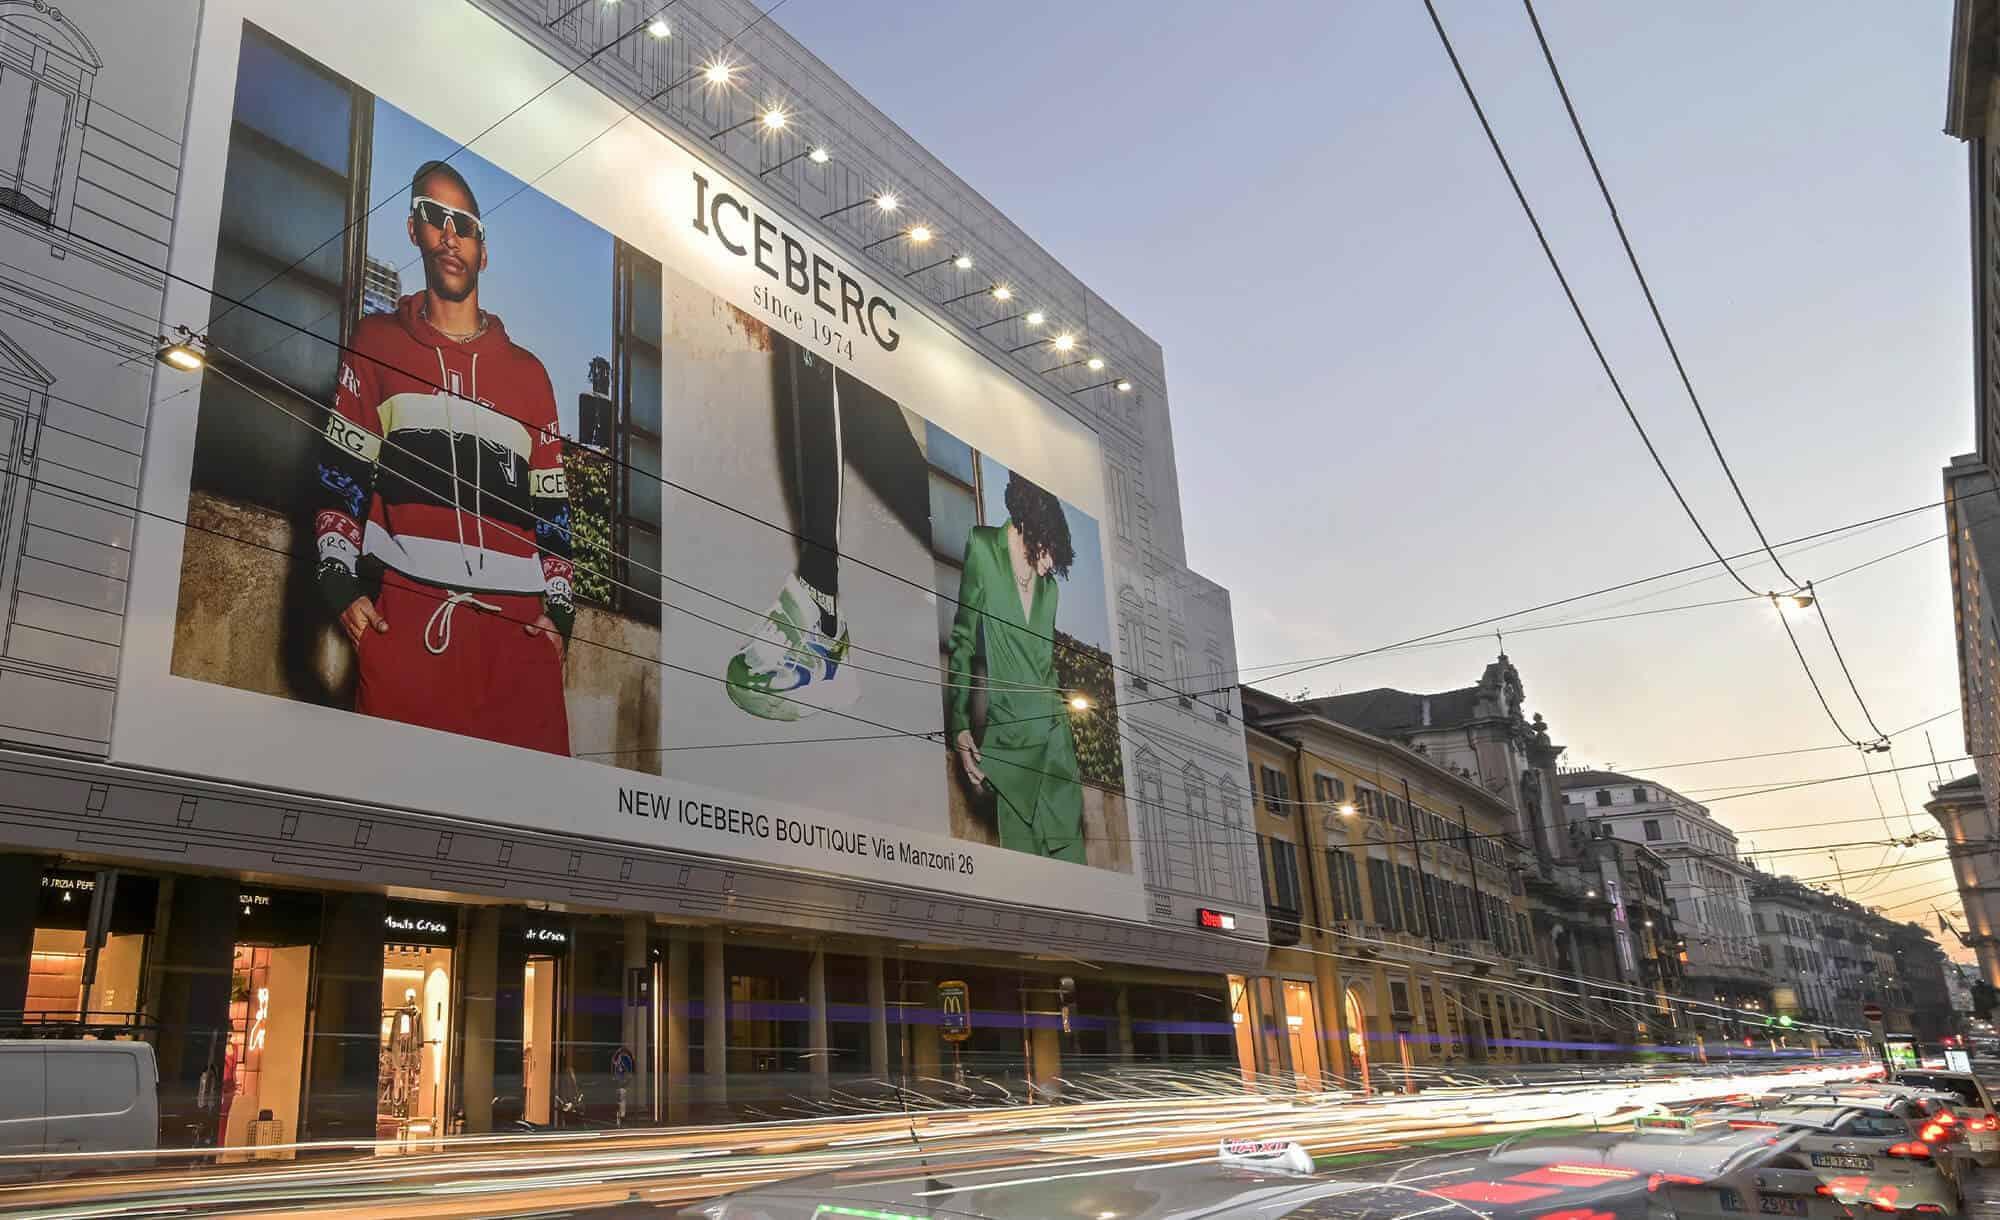 Maxi Affissione Streetvox Via Manzoni 38 a Milano con Iceberg (Moda)